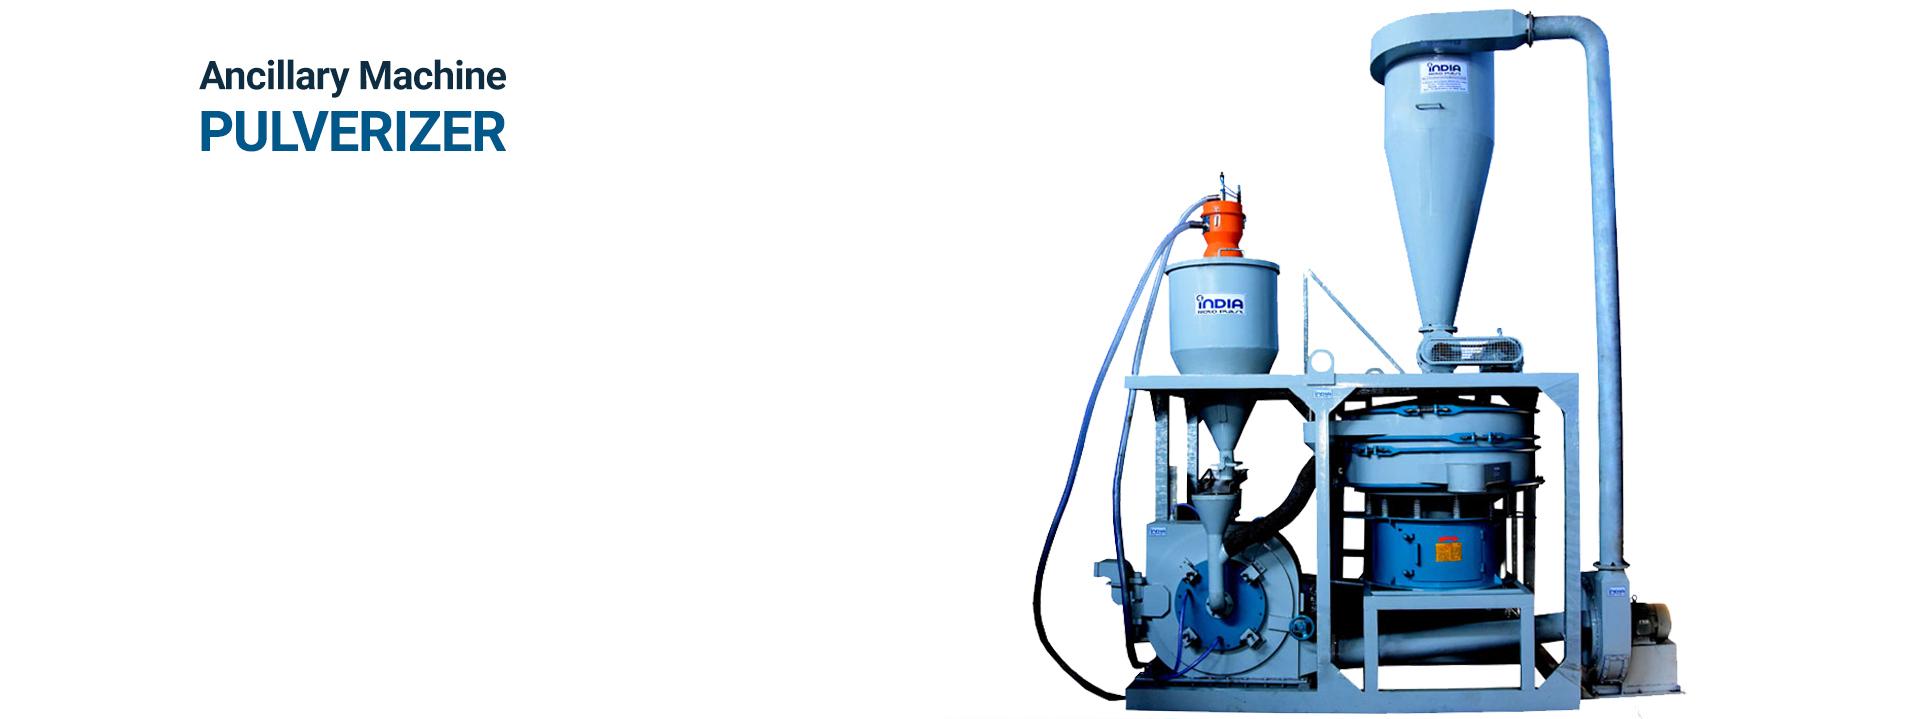 Pulverizer Machine ManufacturerPULVERIZER